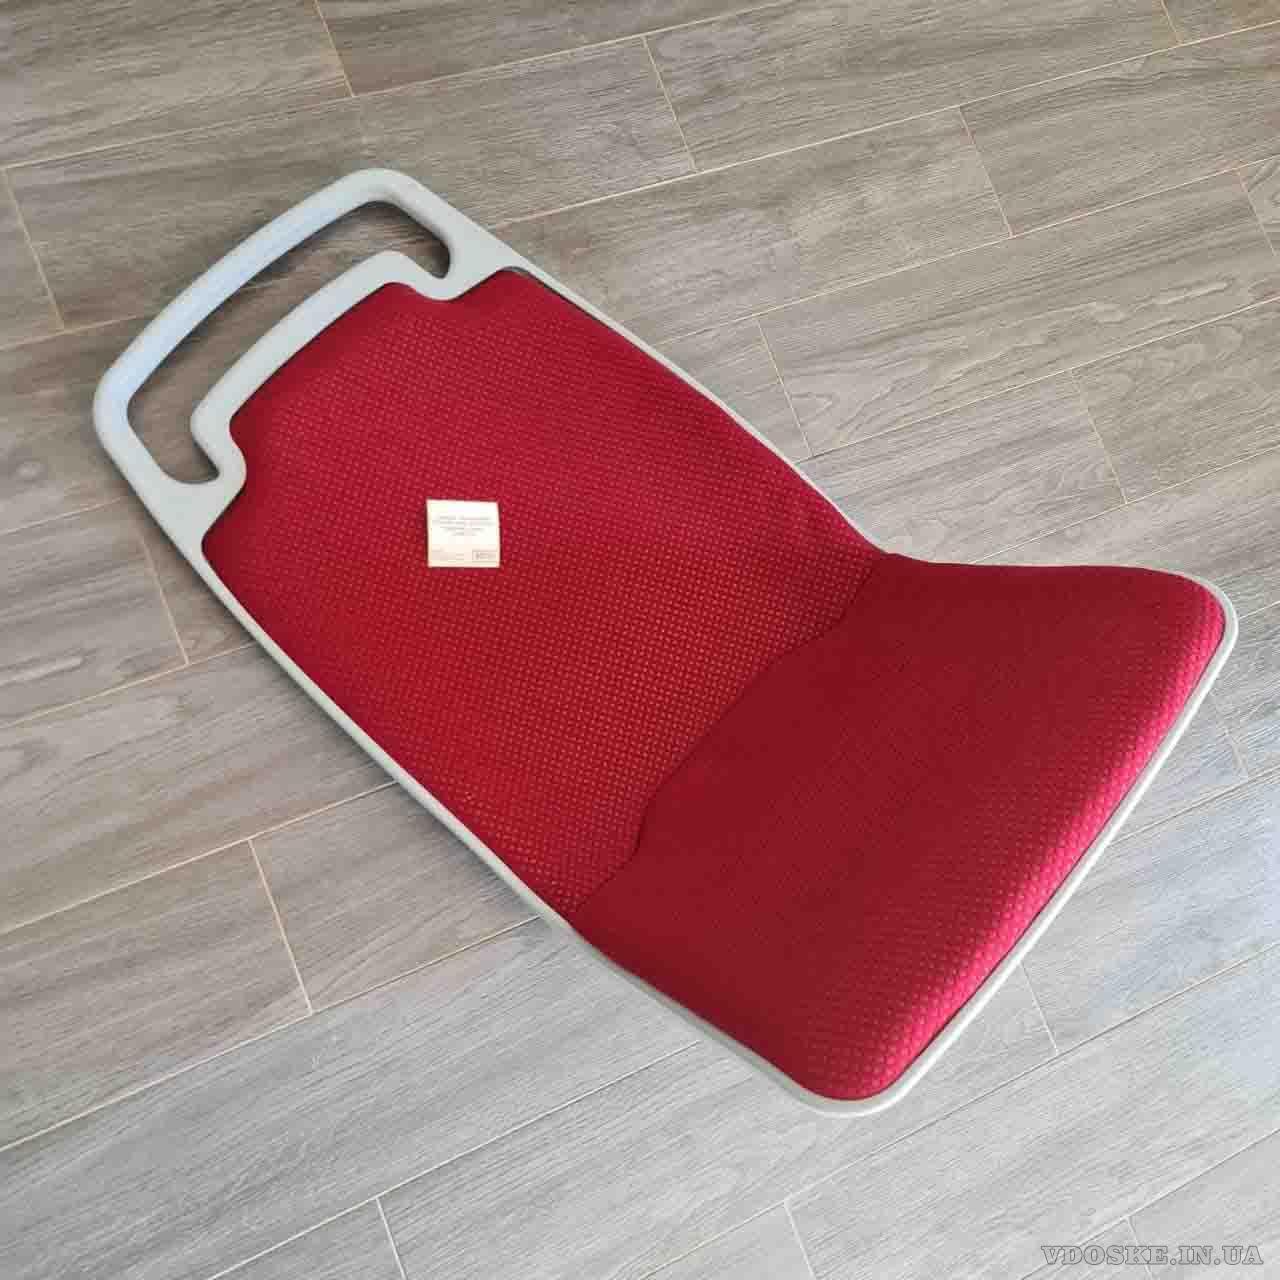 Пассажирское сиденье в обивке (5)